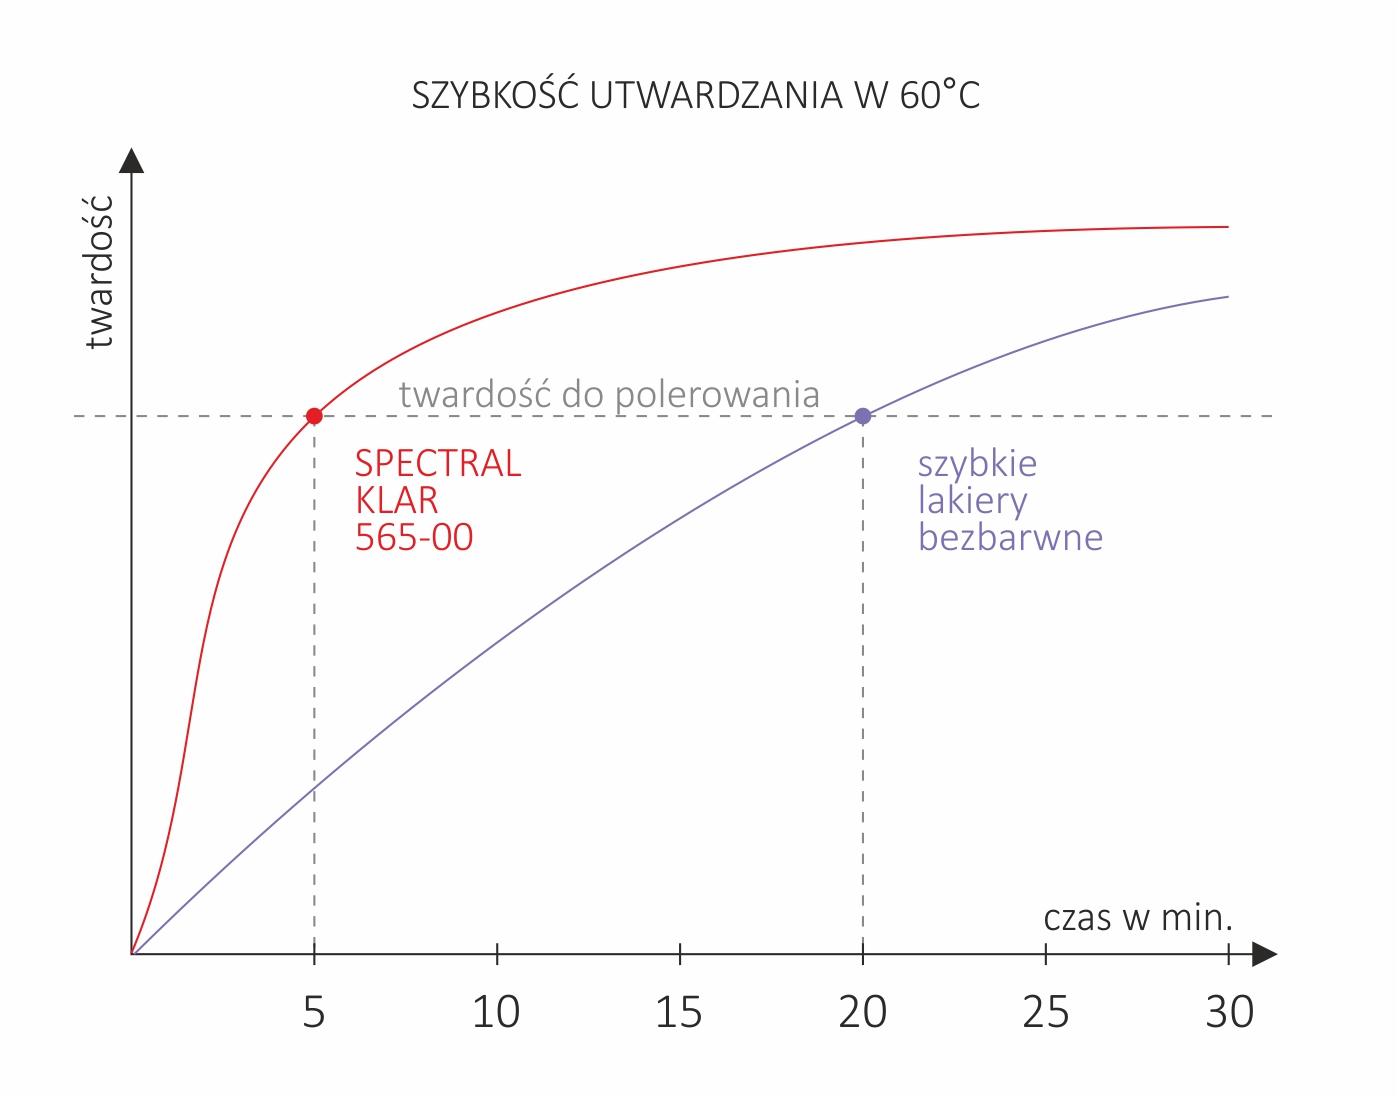 wykres-szybkosc-utwardzania-w-60st-565-00